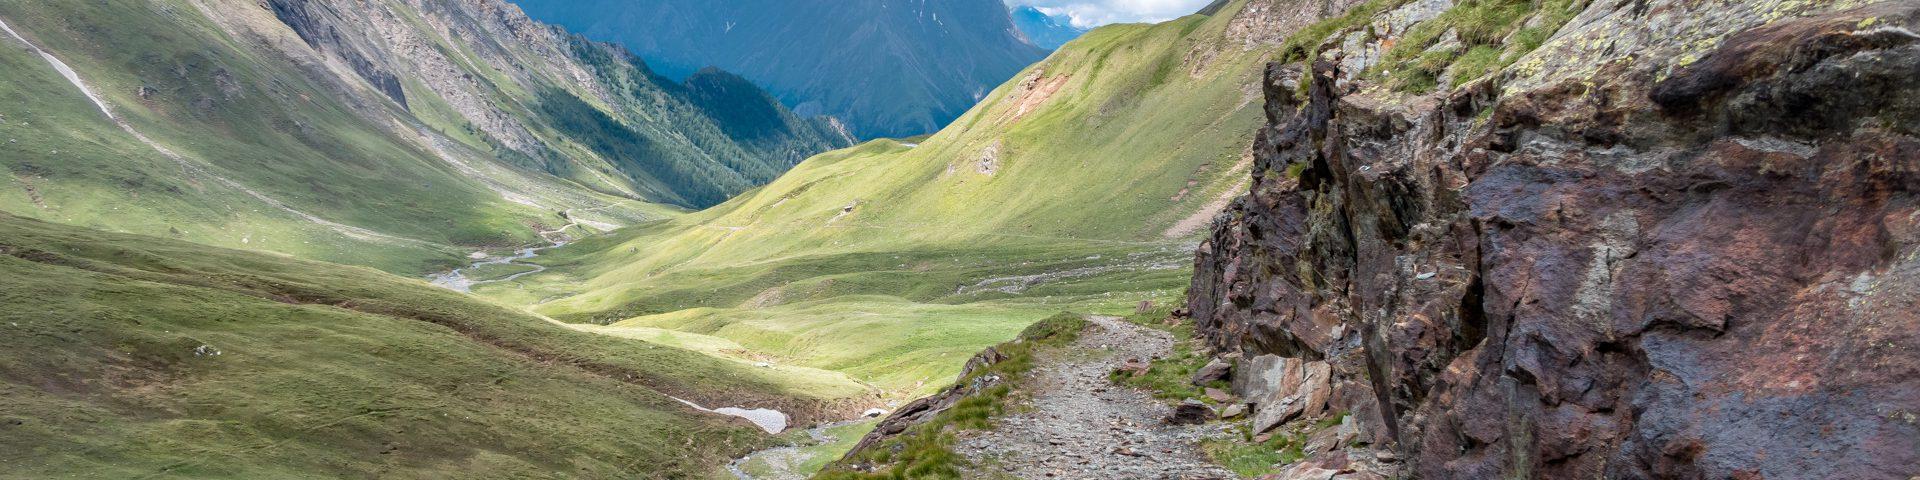 Mountainbike Touren über die Alpen